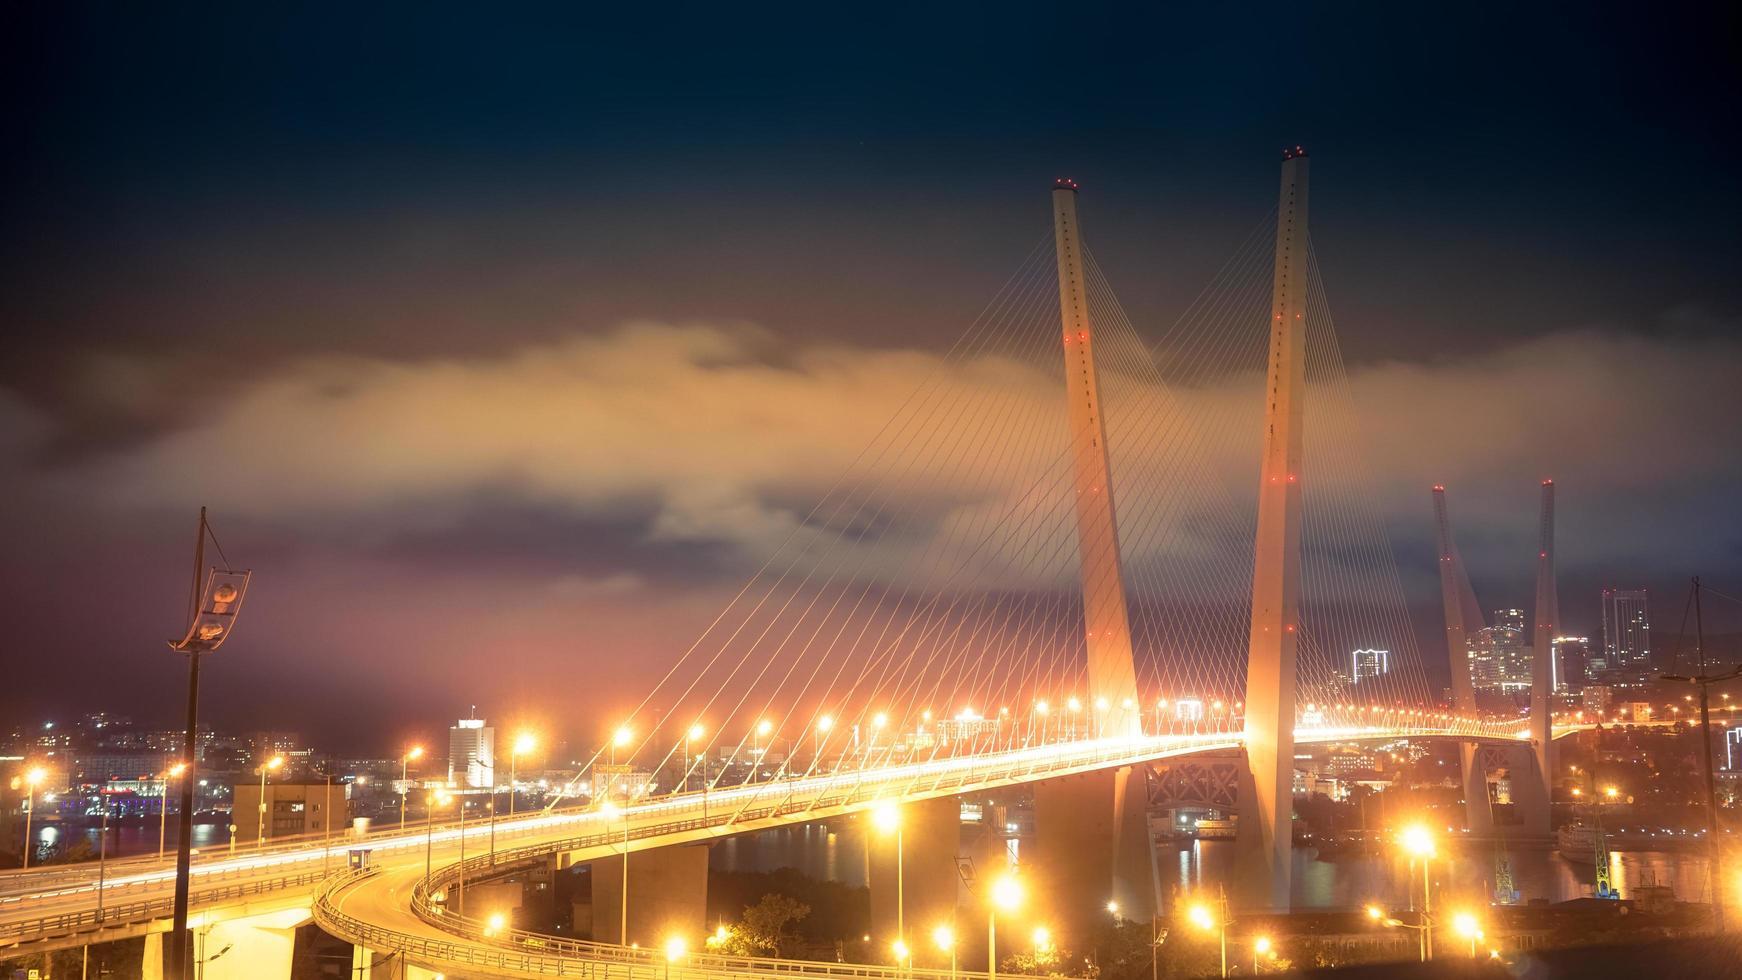 illuminato ponte d'oro con cielo nuvoloso di notte a vladivostok, russia foto